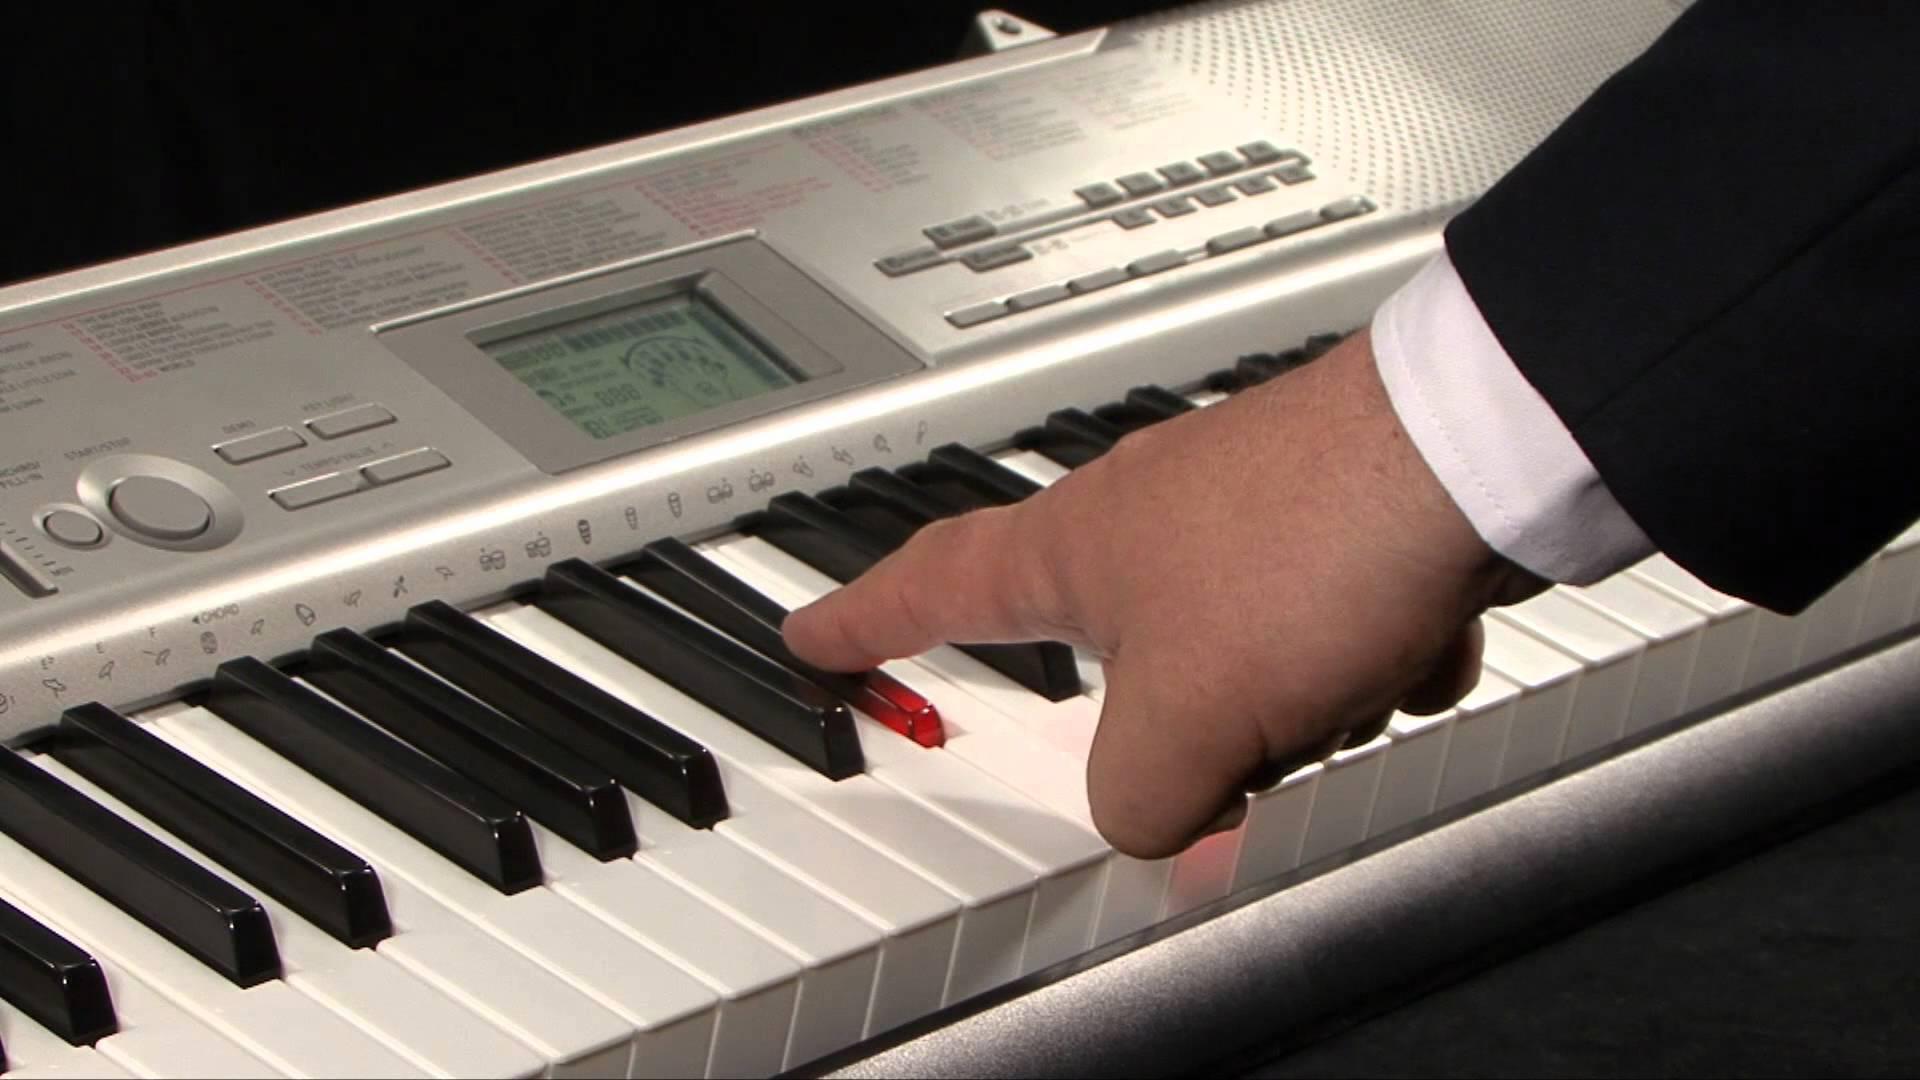 Đàn Organ Casio LK-120 có hướng dẫn 3 bước tự học dễ dàng với 61 phím kiểu piano có khả năng phát sáng, 100 âm sắc, 50 điệu nhạc và 100 bài nhạc mẫu